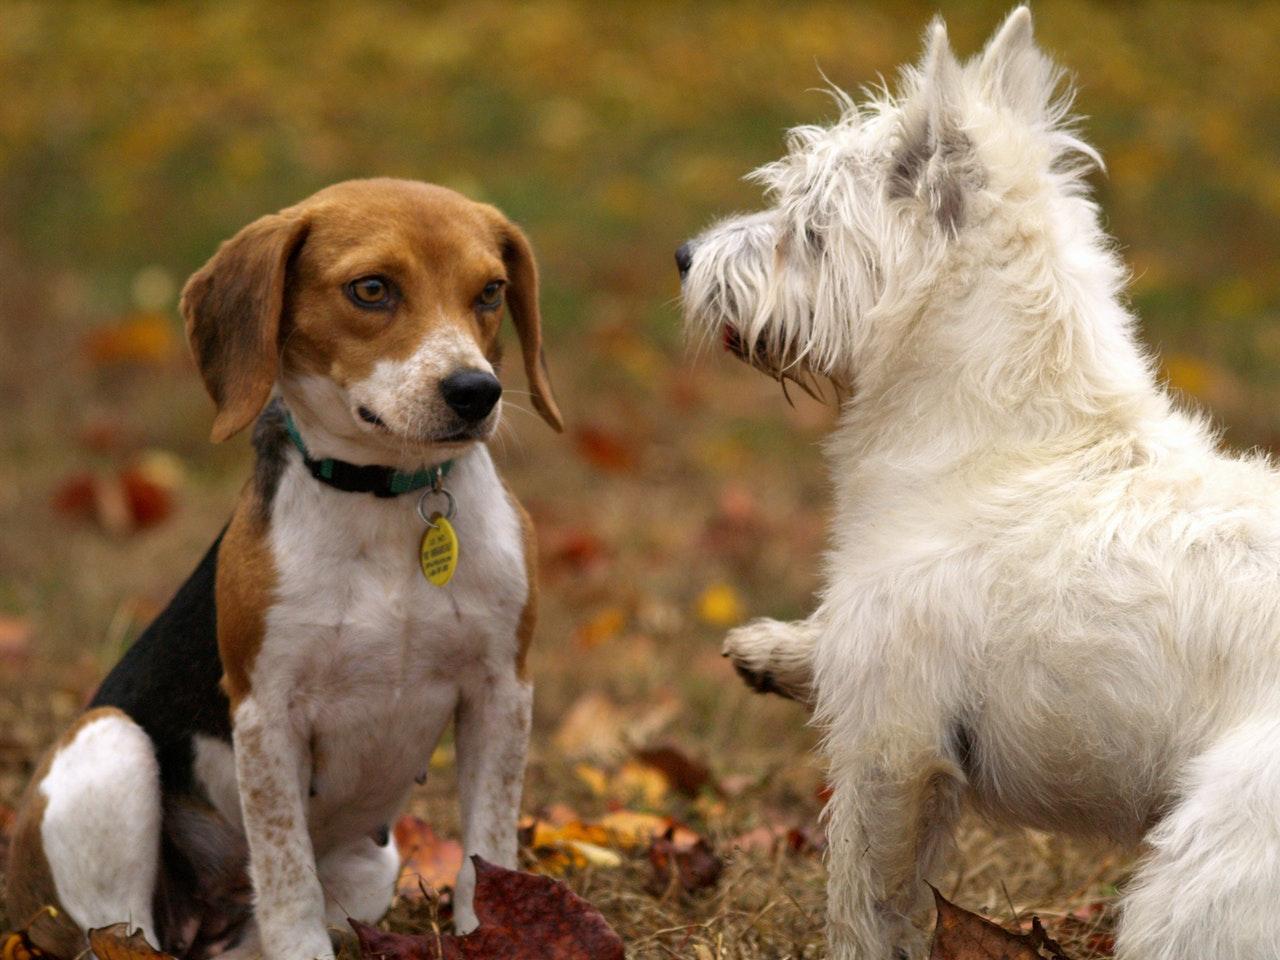 Workshop: Mensch-Hund Beziehung - Wahrnehmen - Wertschätzen - Vertrauen - Begegnung auf Augenhöhe @ Heidis Zauberpark